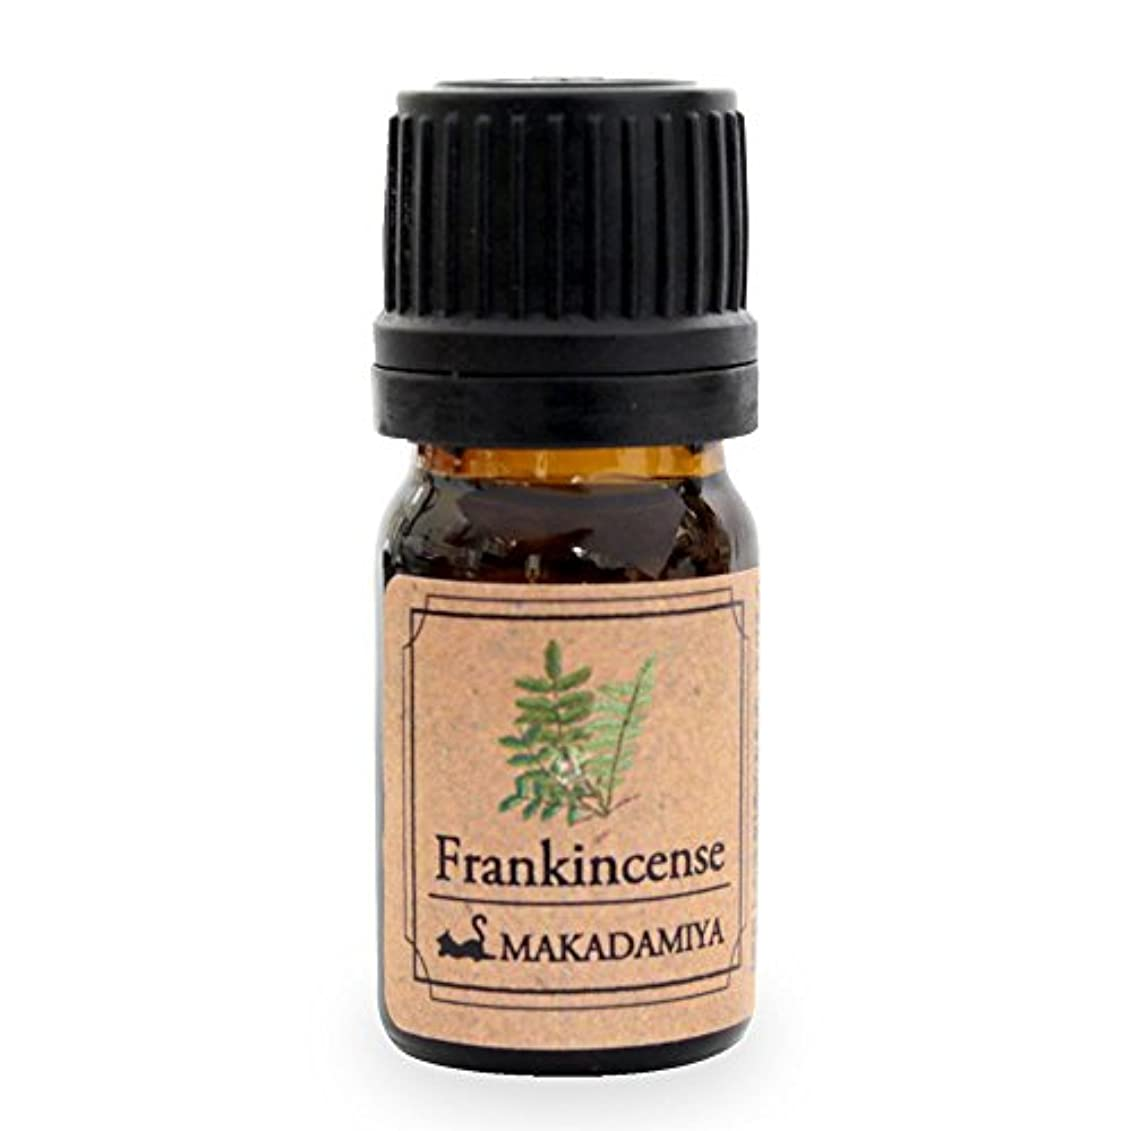 マリナー購入授業料フランキンセンス5ml 天然100%植物性 エッセンシャルオイル(精油) アロマオイル アロママッサージ aroma Frankincense